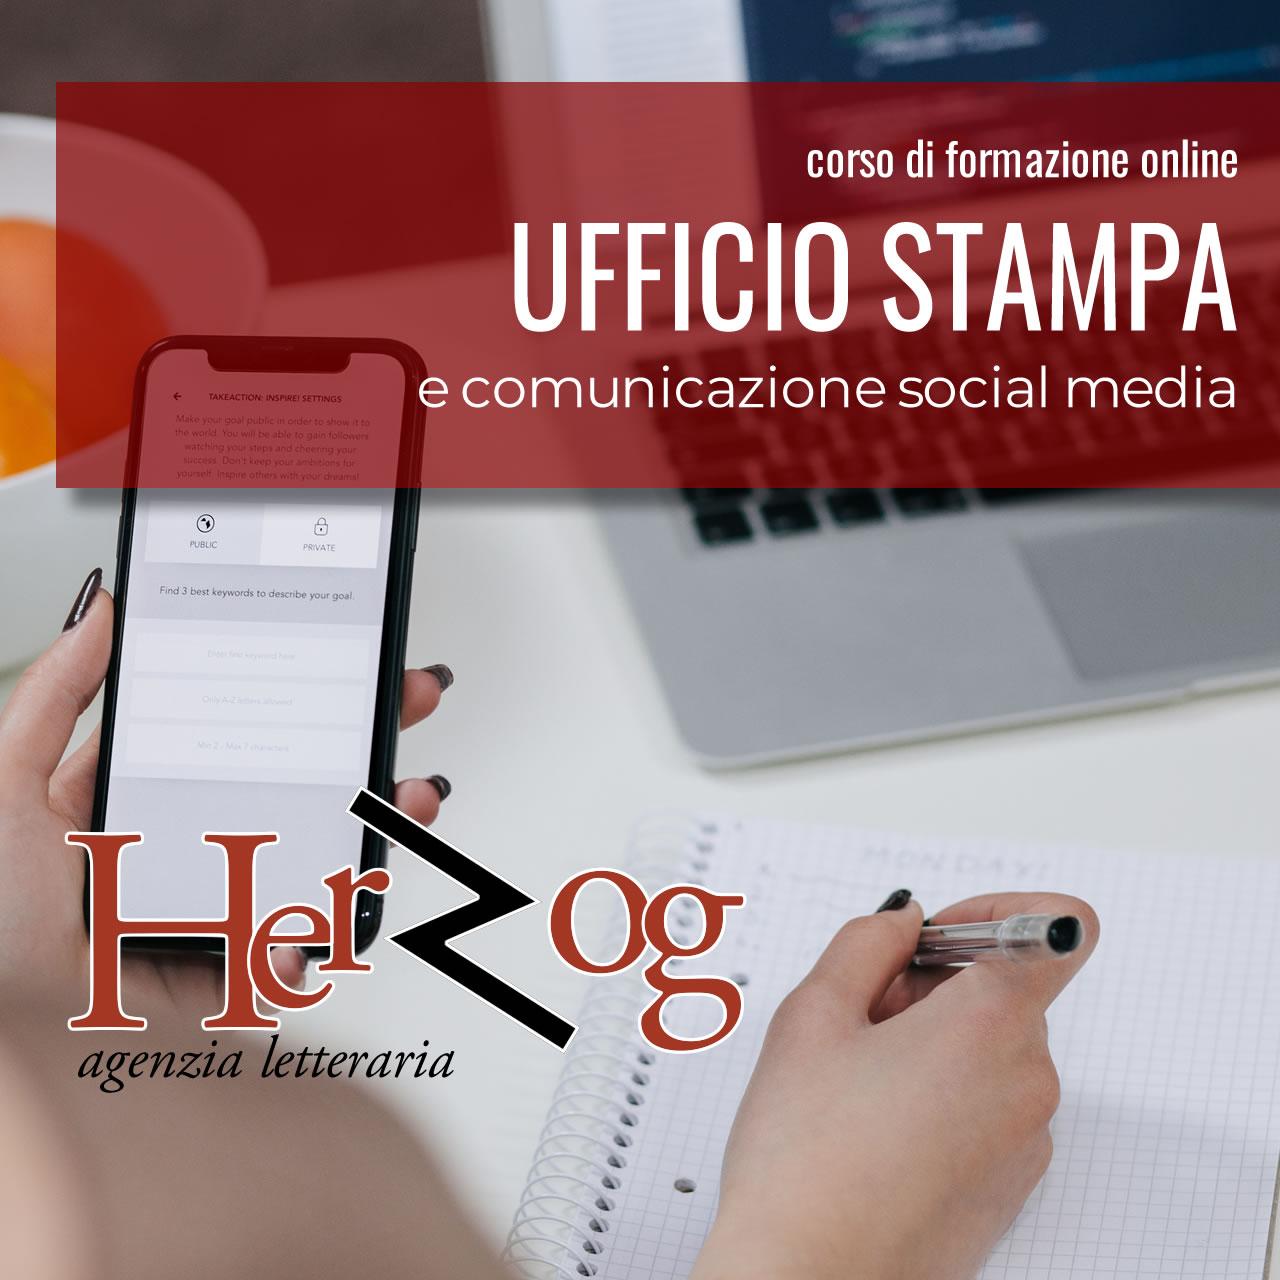 UFFICIO STAMPA E COMUNICAZIONE SOCIAL MEDIA